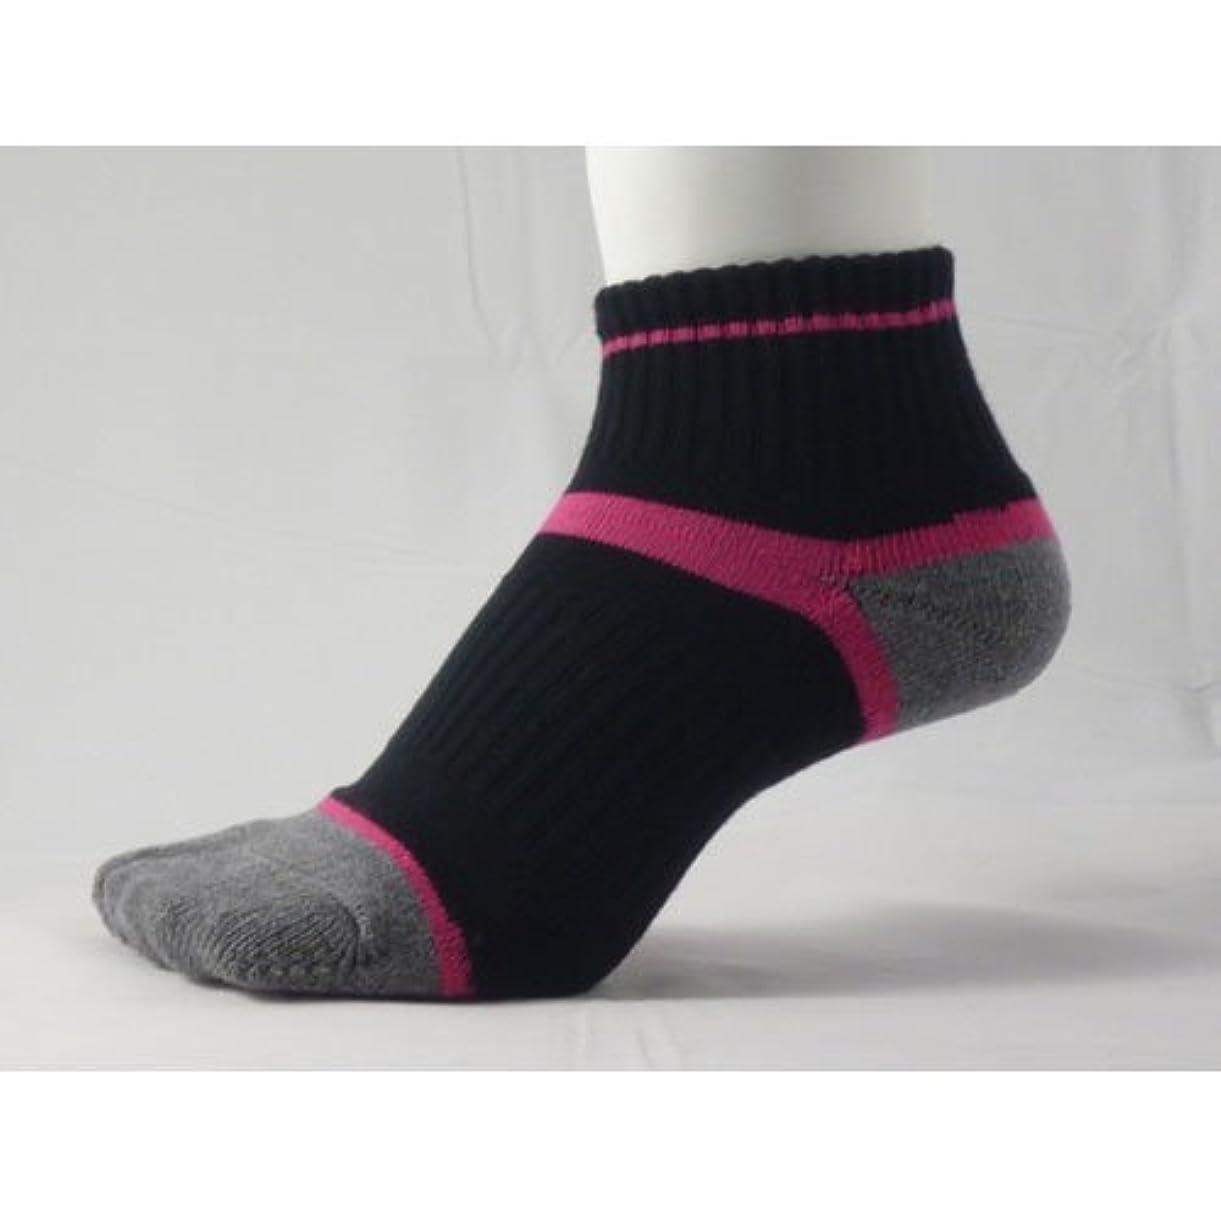 センチメートル交響曲抵当草鞋ソックス S(22-24cm)ピンク 【わらじソックス】【炭の靴下】【足袋型】